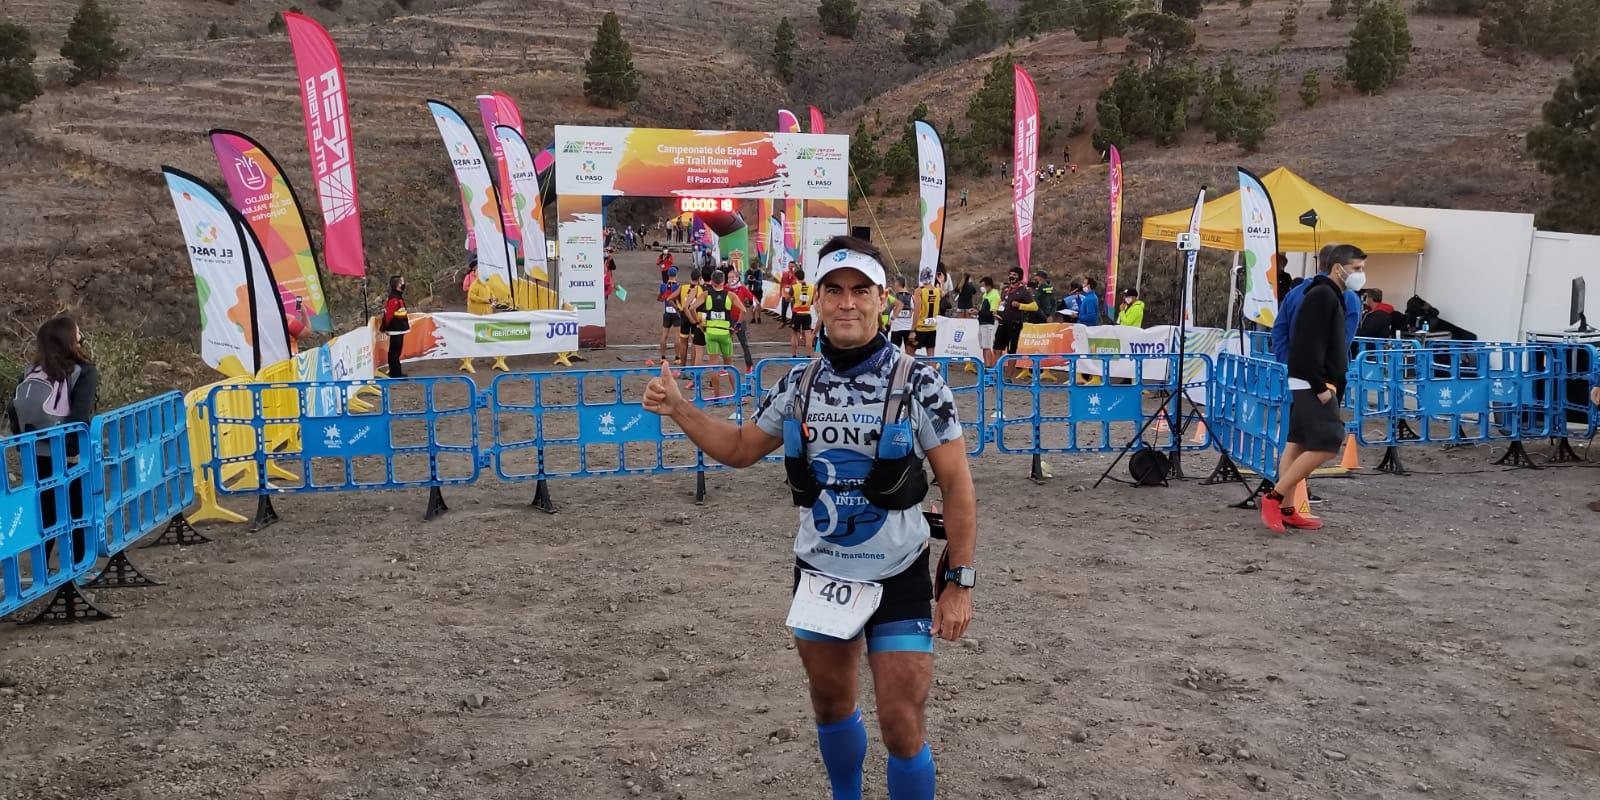 El desafío '8 islas, 8 maratones. Regala vida' recorrerá el Pirineo en bicicleta para lograr nuevos donantes